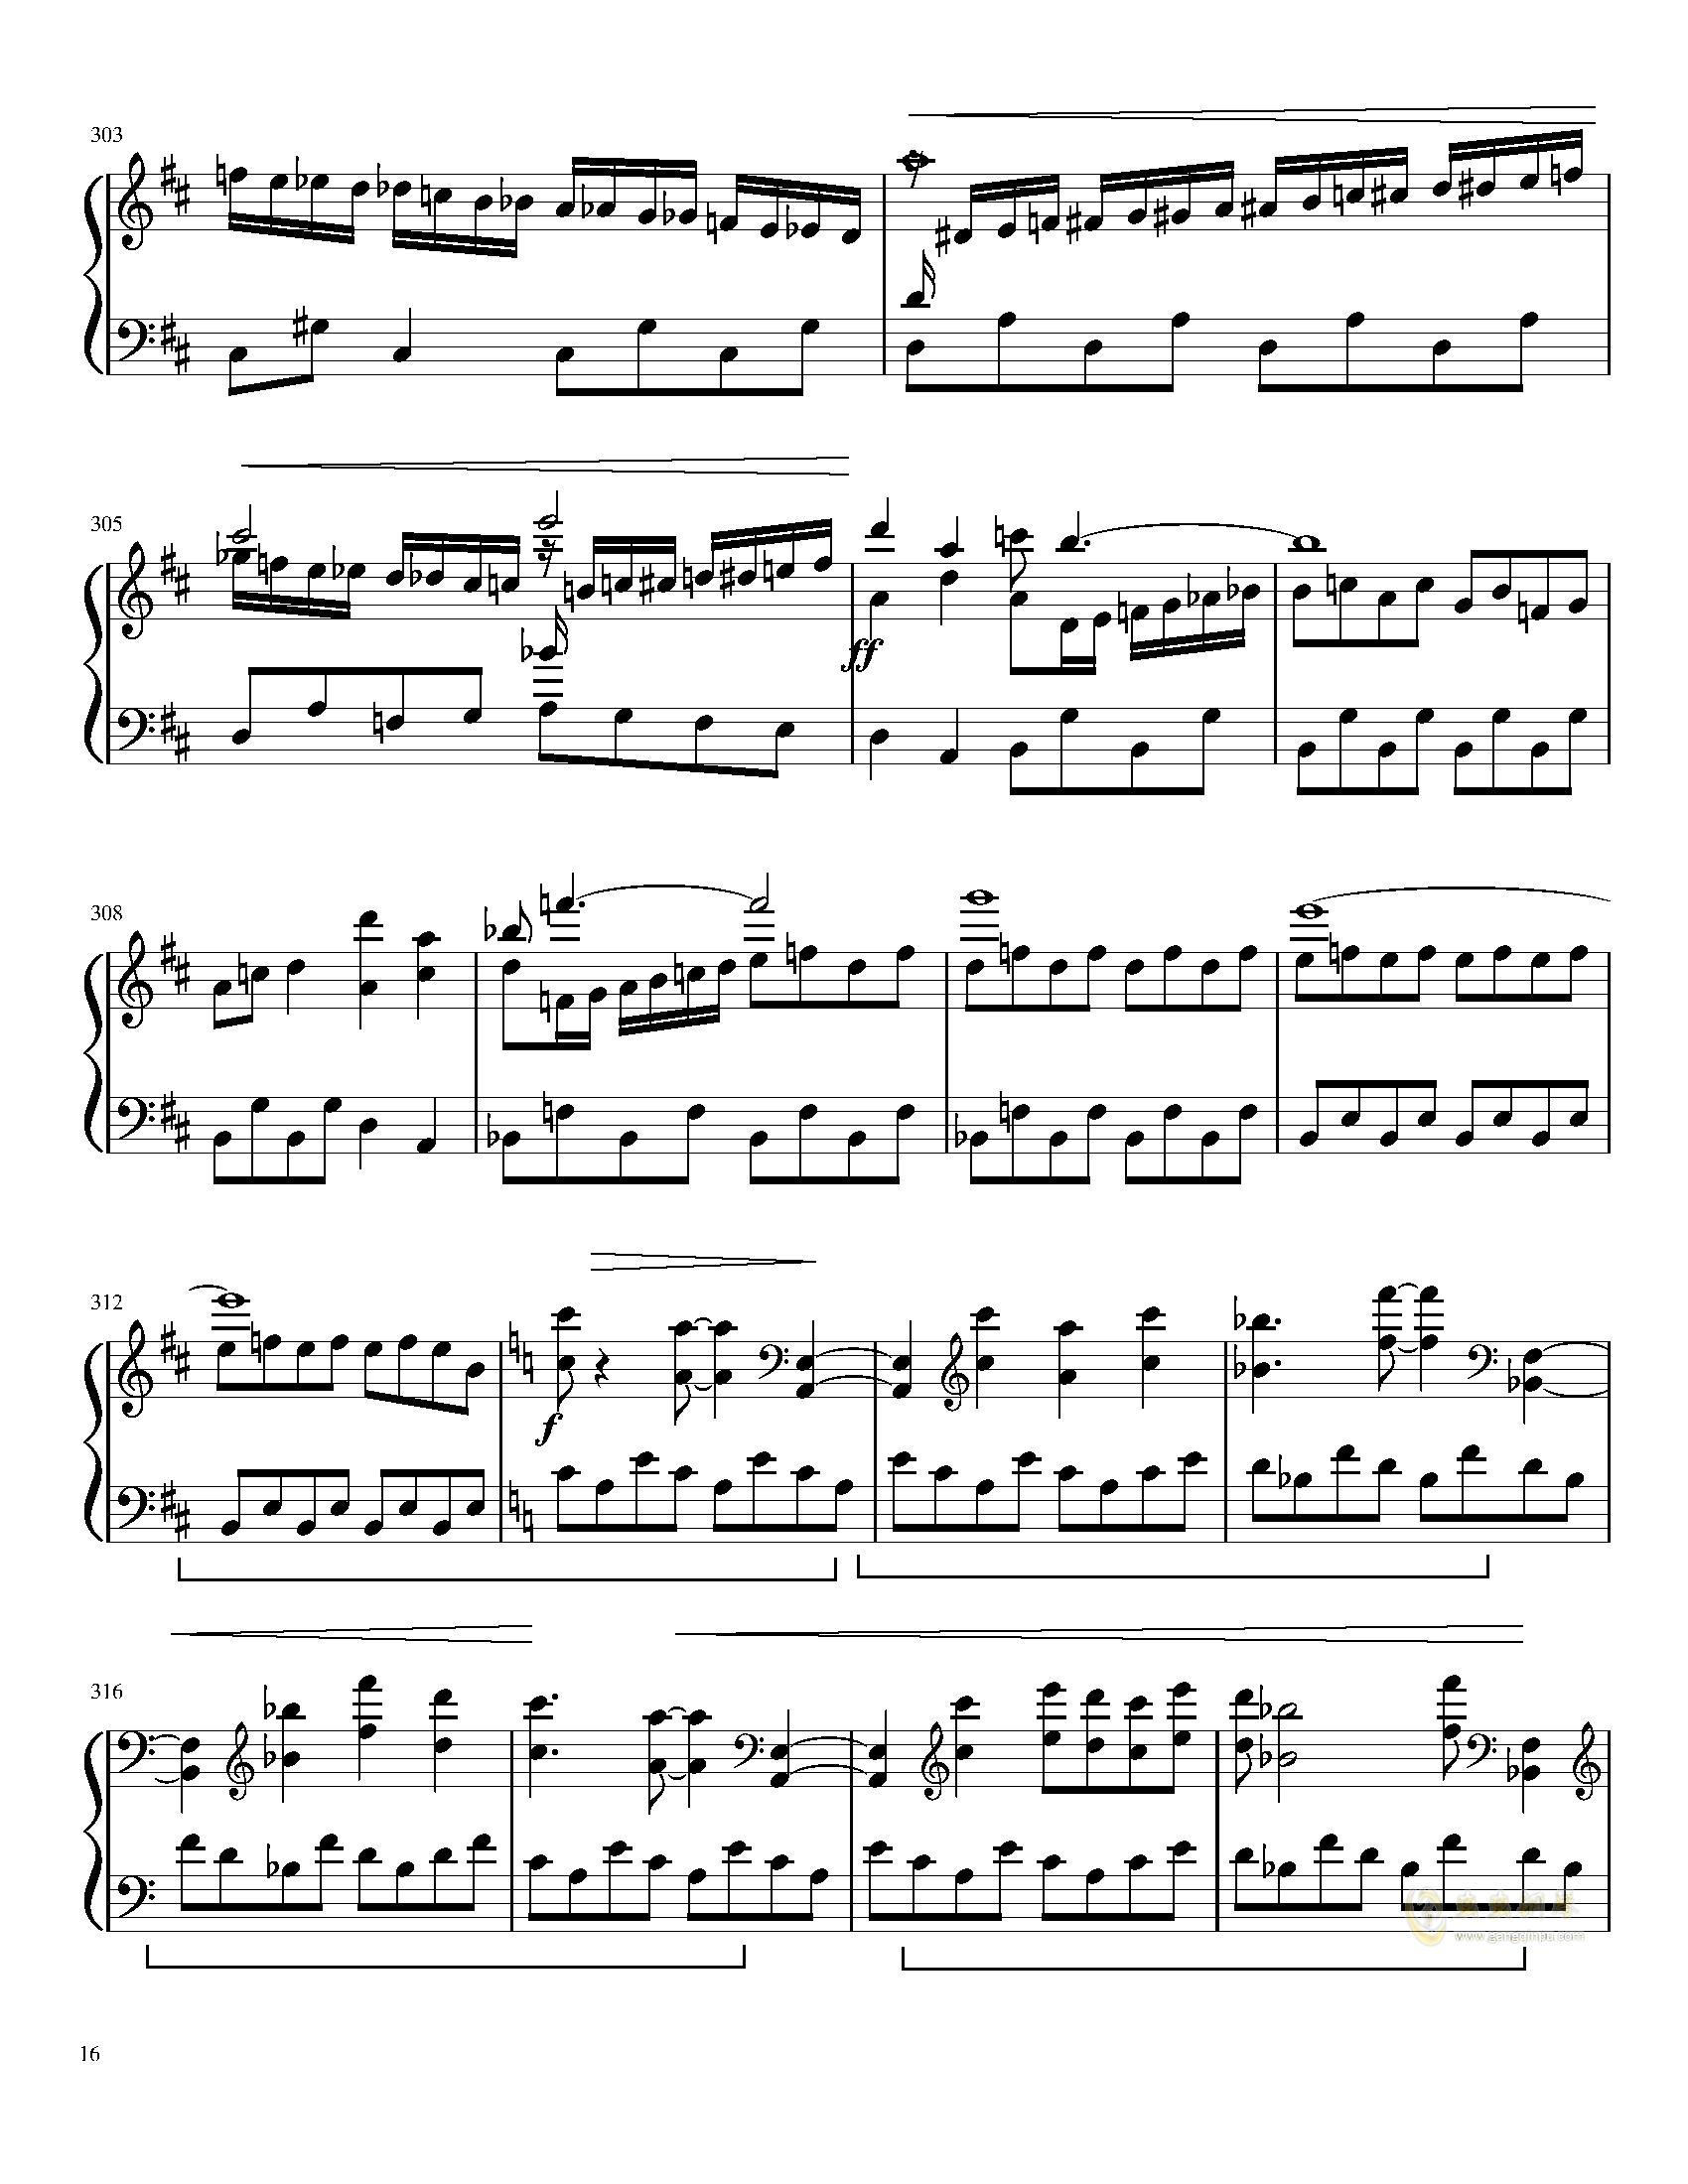 口袋妖怪初代全BGM串烧钢琴谱 第16页